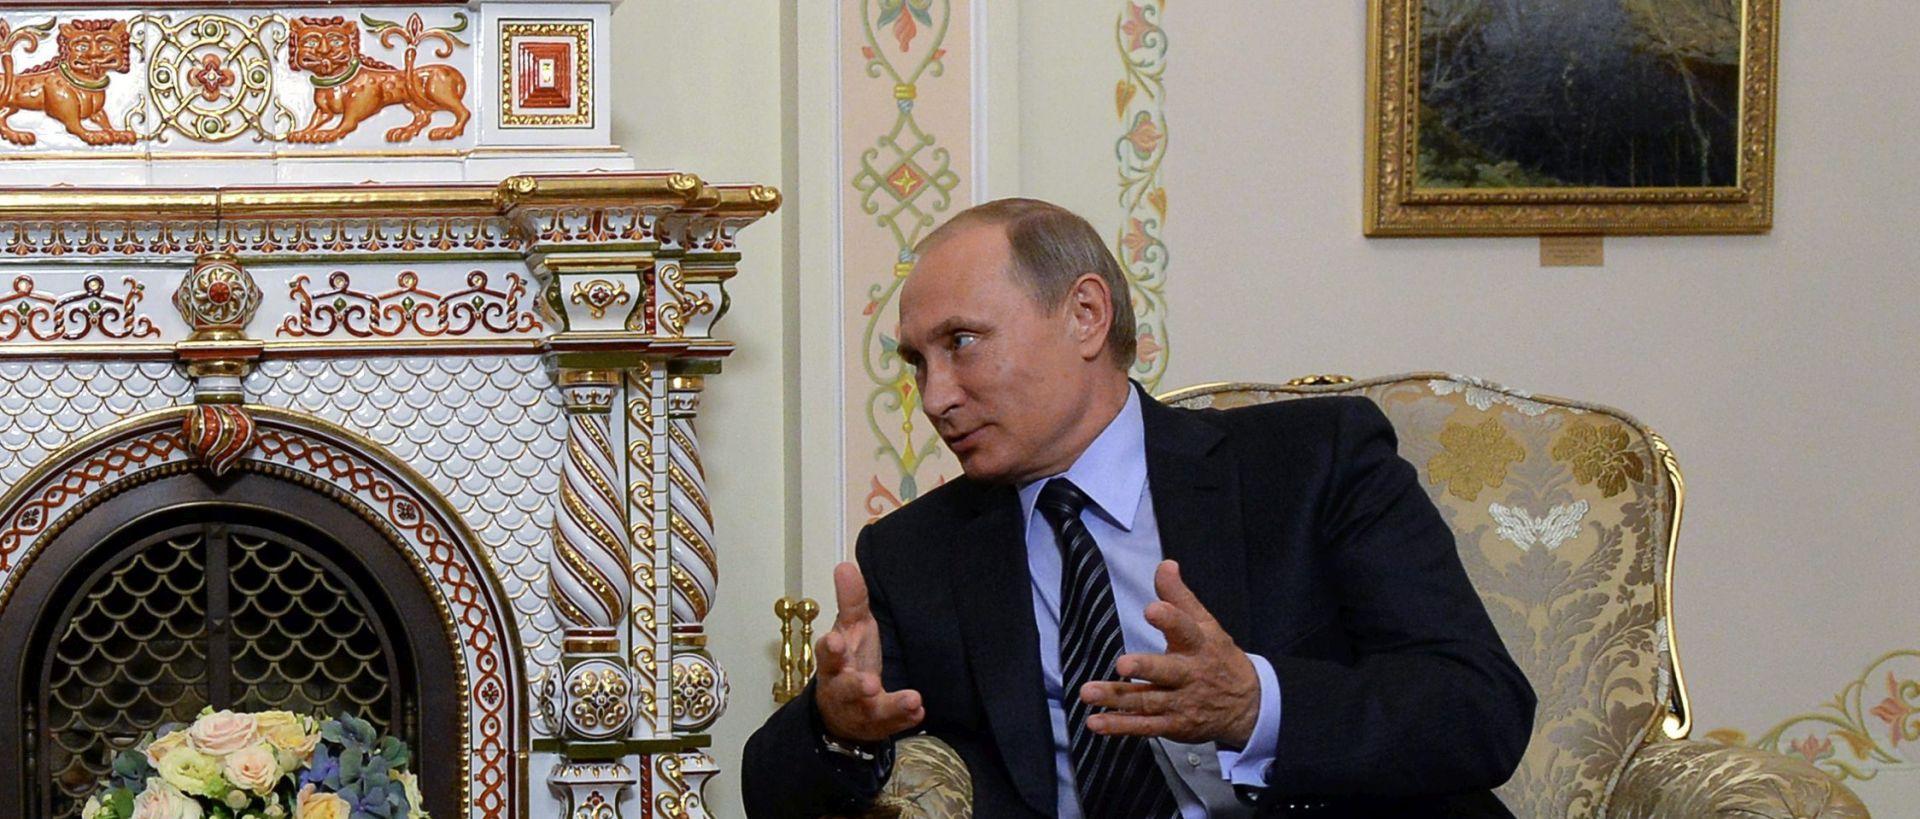 AKO SE NE DOGOVORI S SAD… Putin planira zračne udare u Siriji